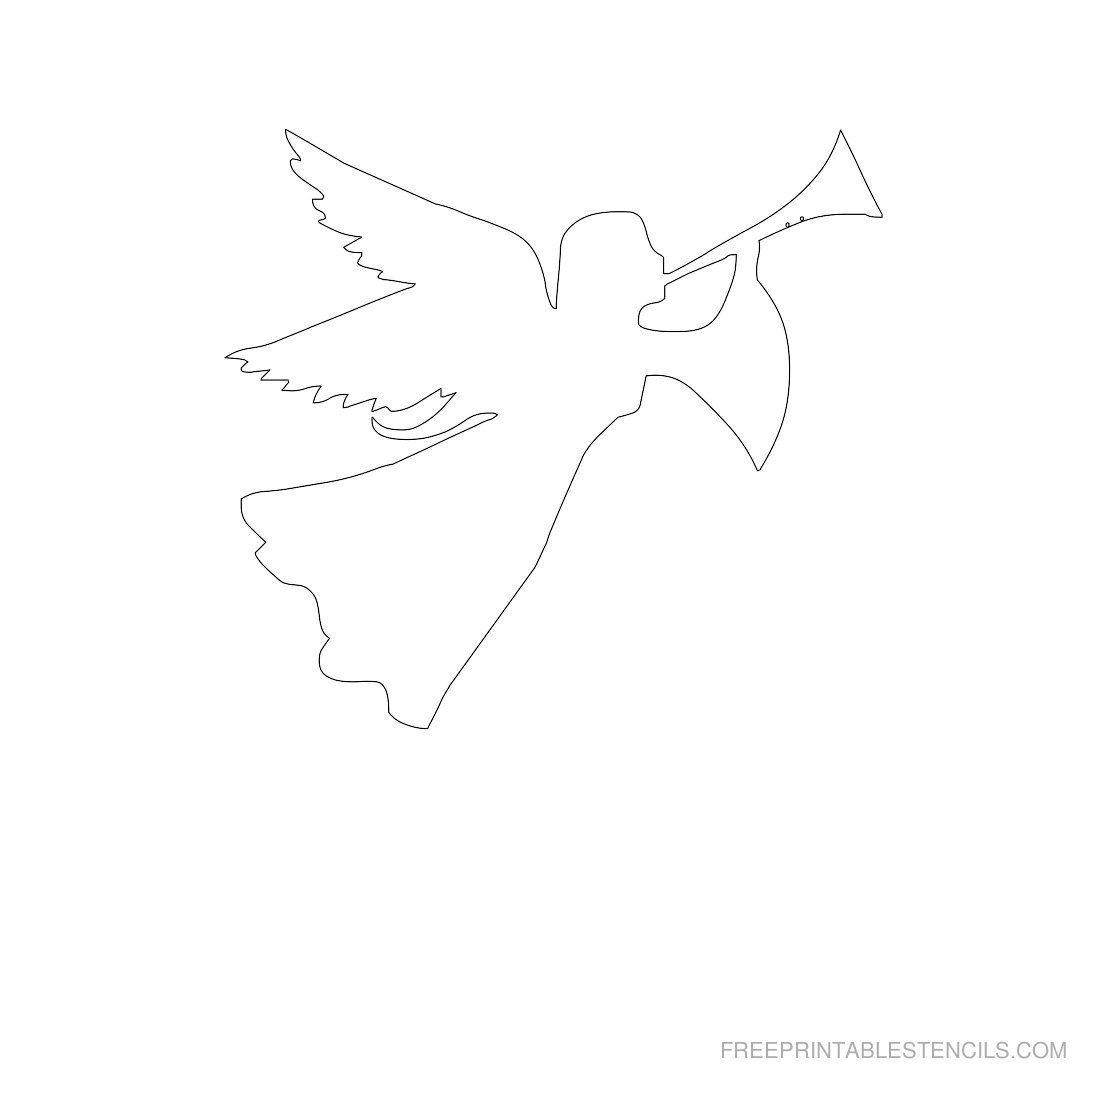 Pinstephanie Bargelski On Angels | Paper Angels Diy, Stencils - Free Printable Angels